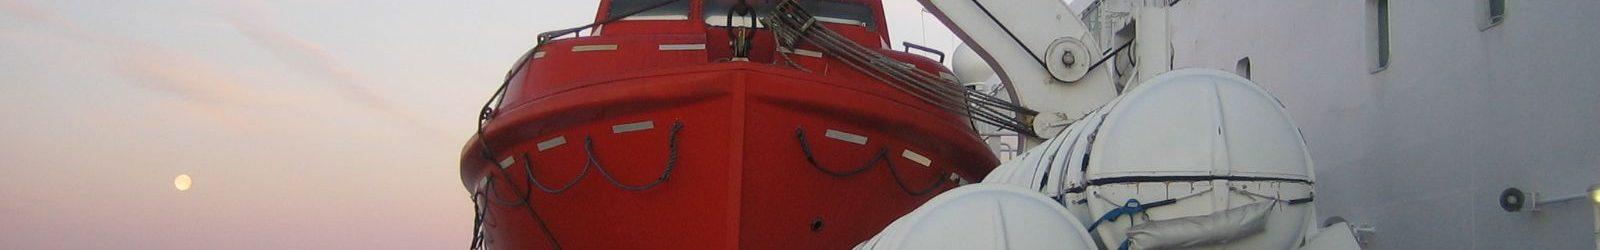 """""""Er det farligt at sejle med krydstogt skib?"""""""